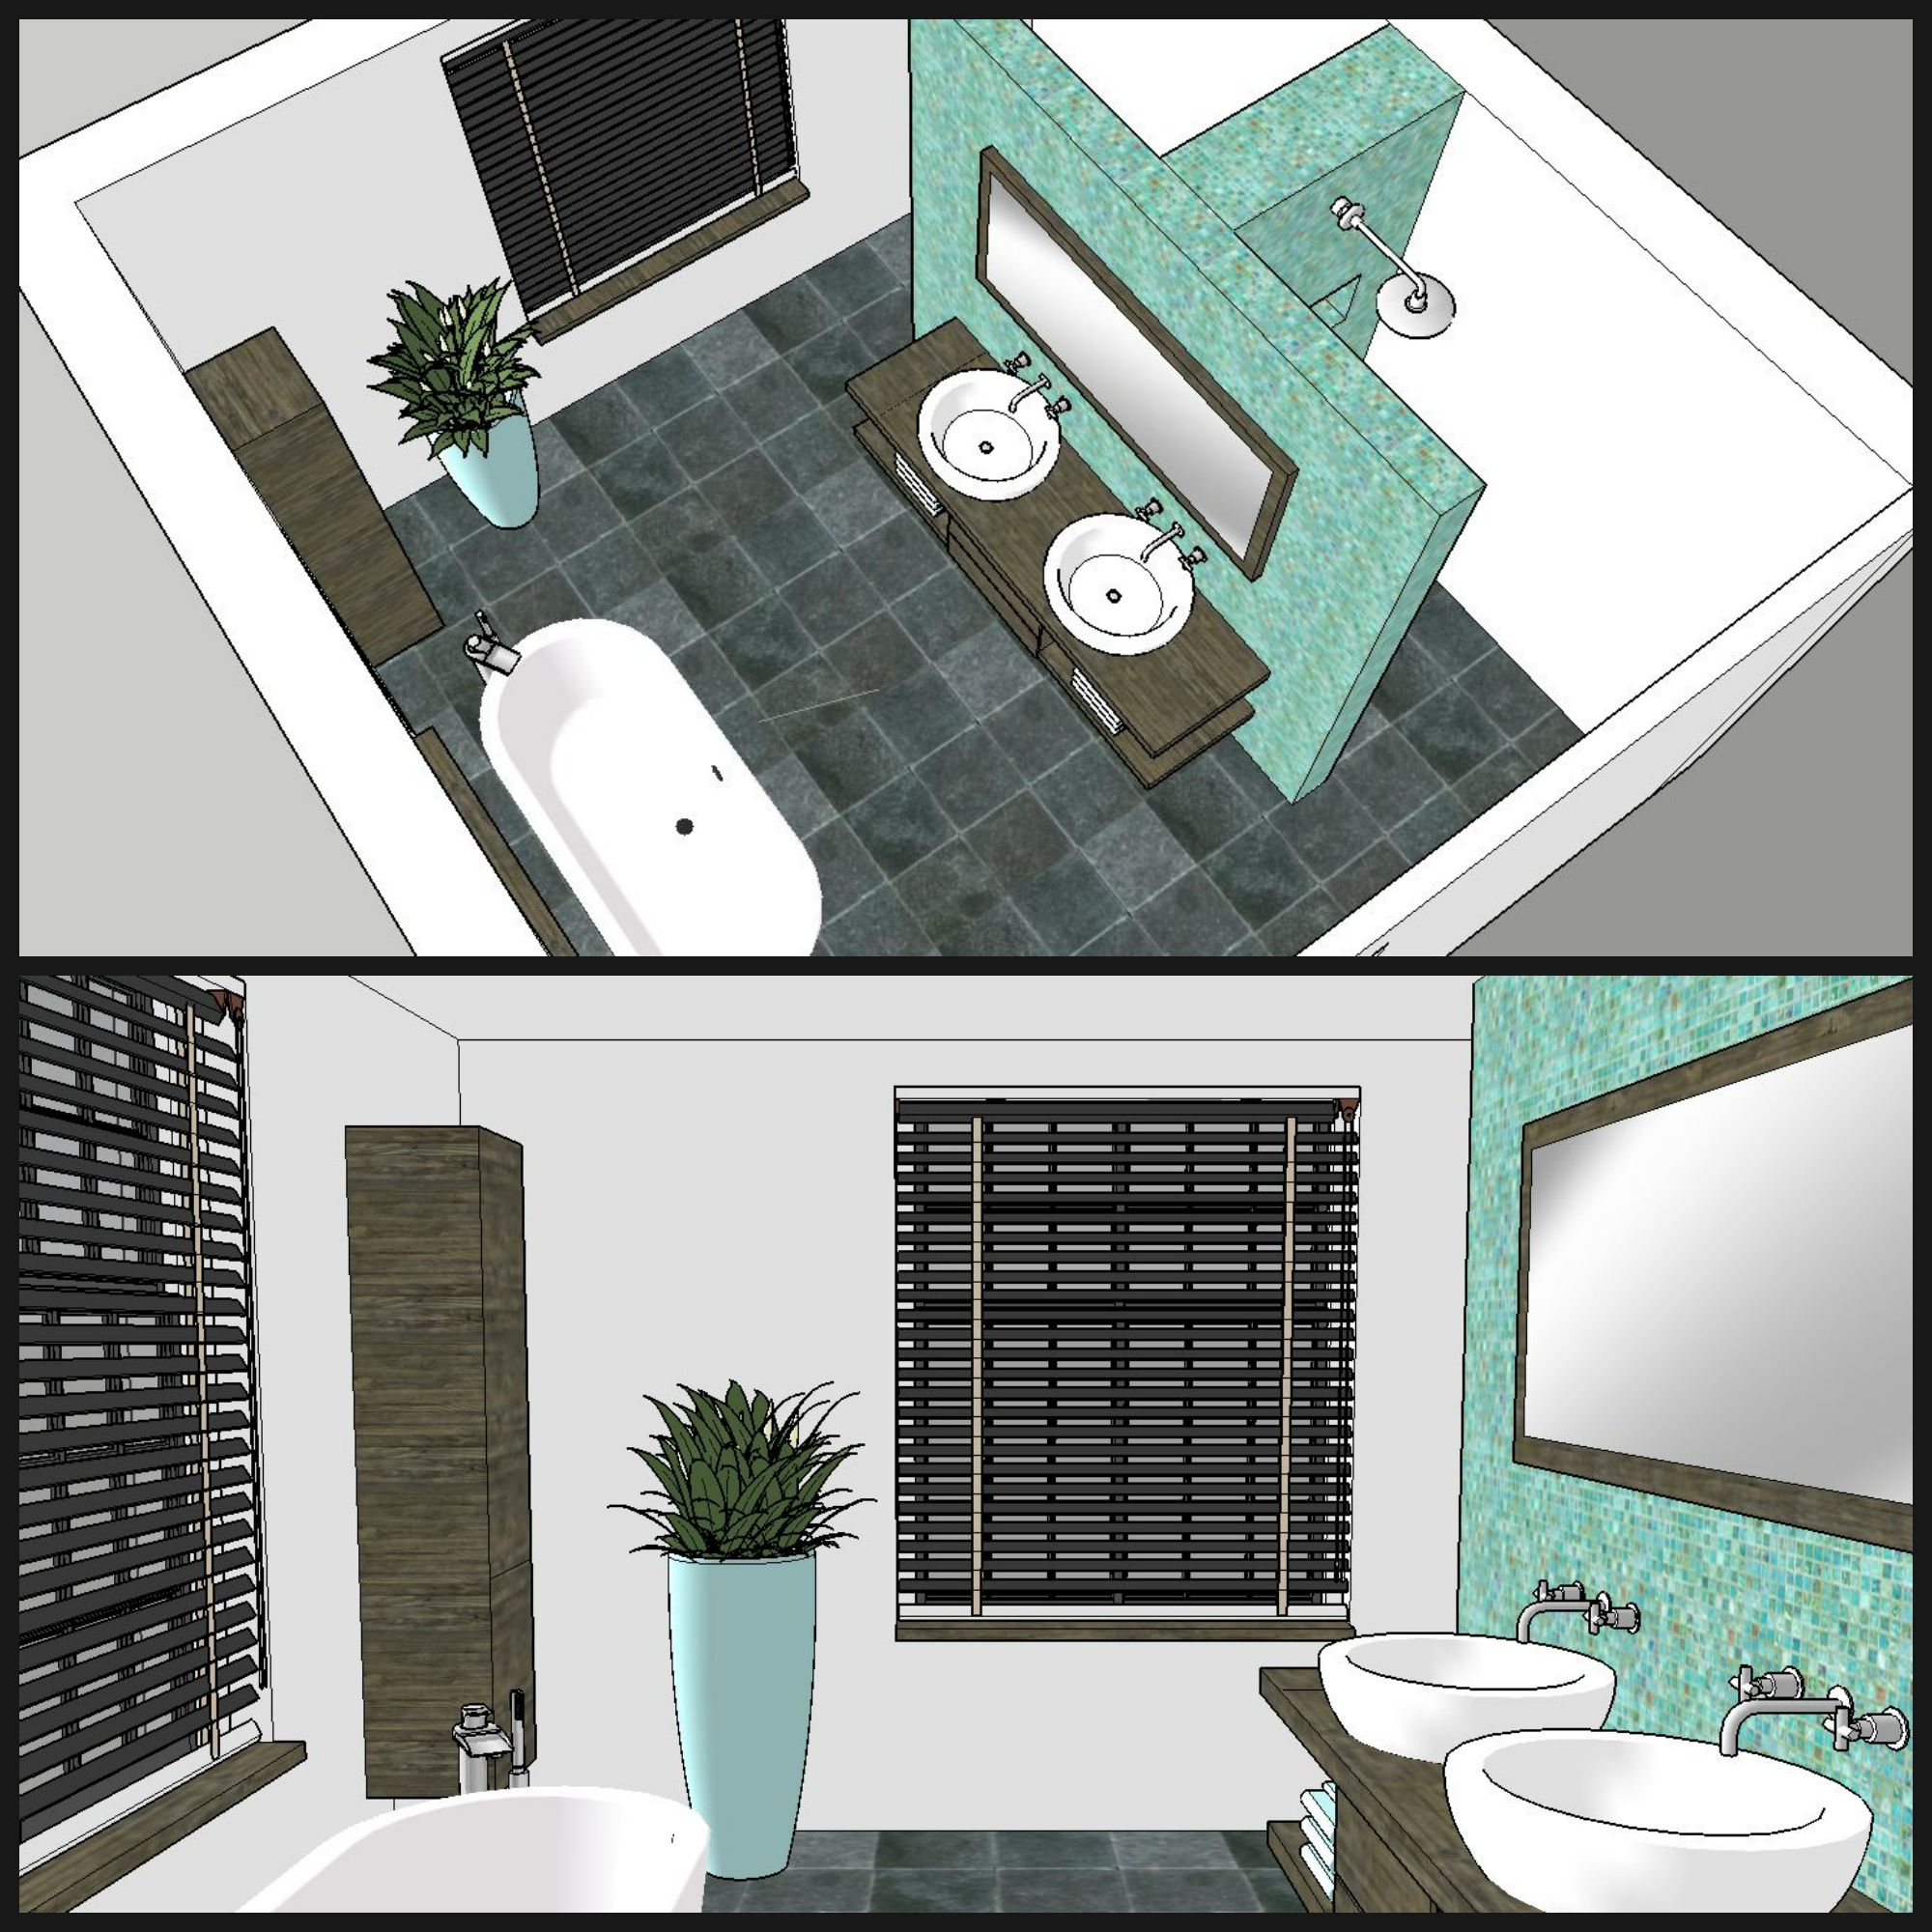 Badezimmer Einteilung T-Form   New home in 2019 ...